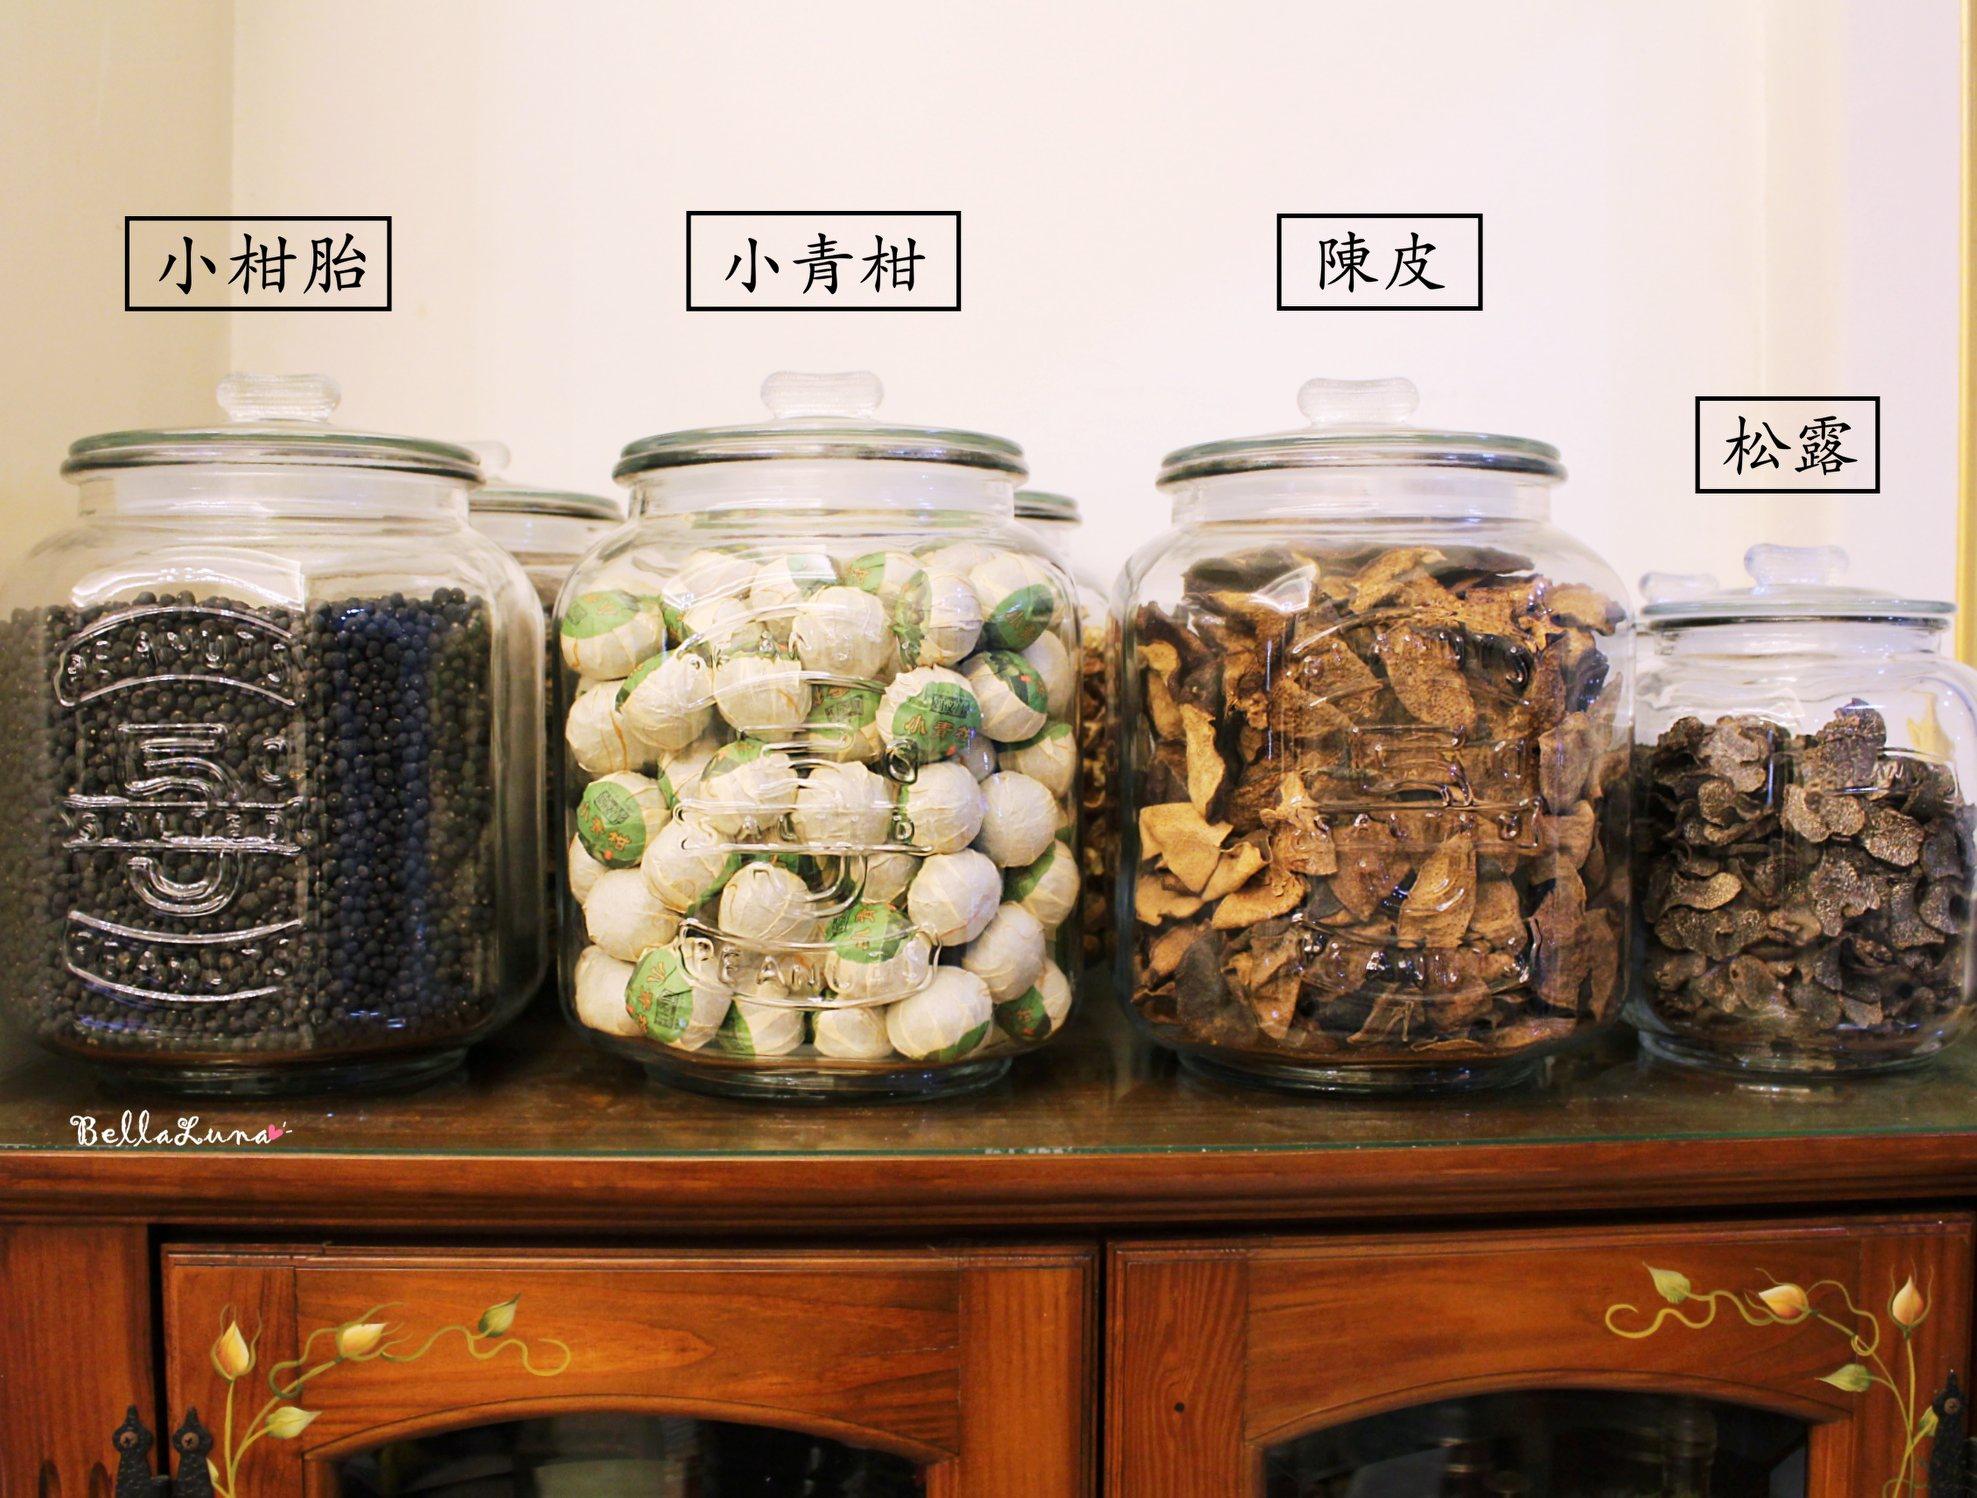 柴犬新年餐 10.jpg